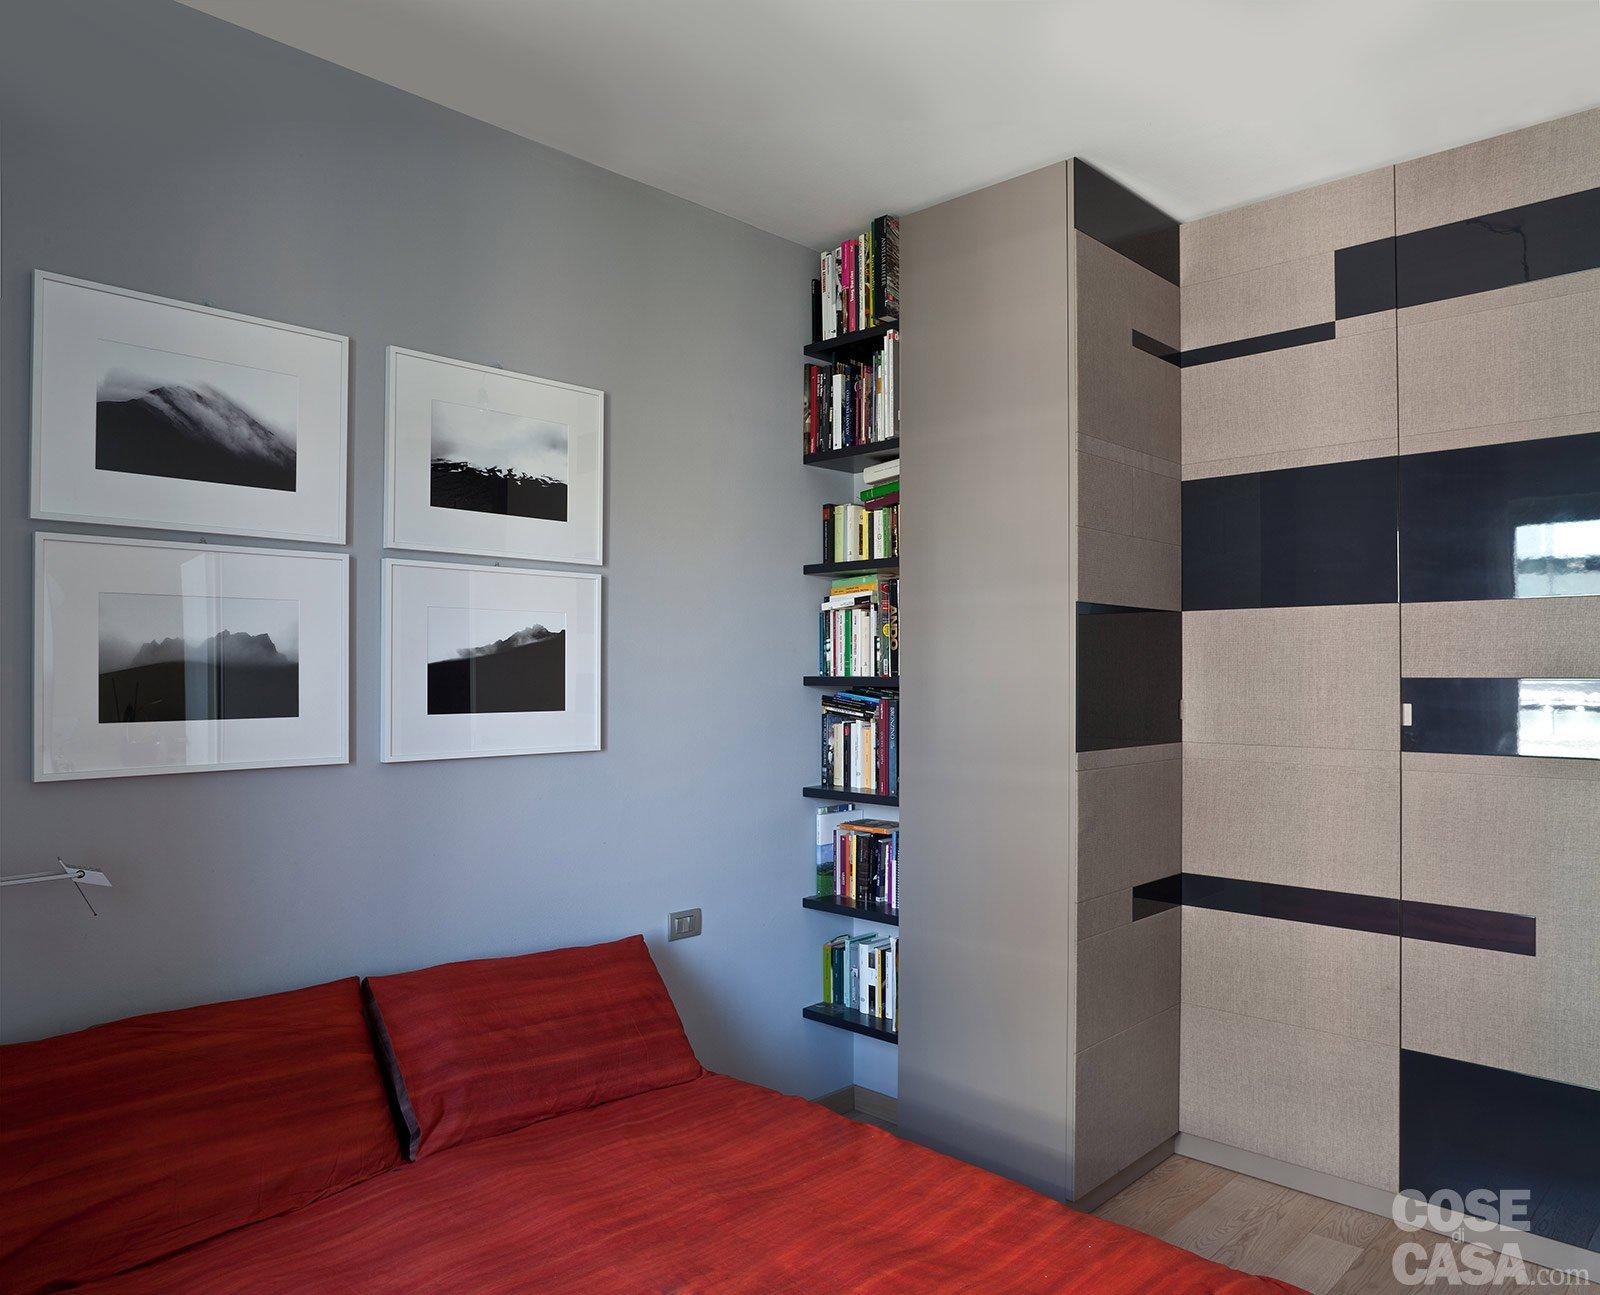 Ambienti contemporanei per una casa di taglio tradizionale cose di casa - Idee per progettare una casa ...